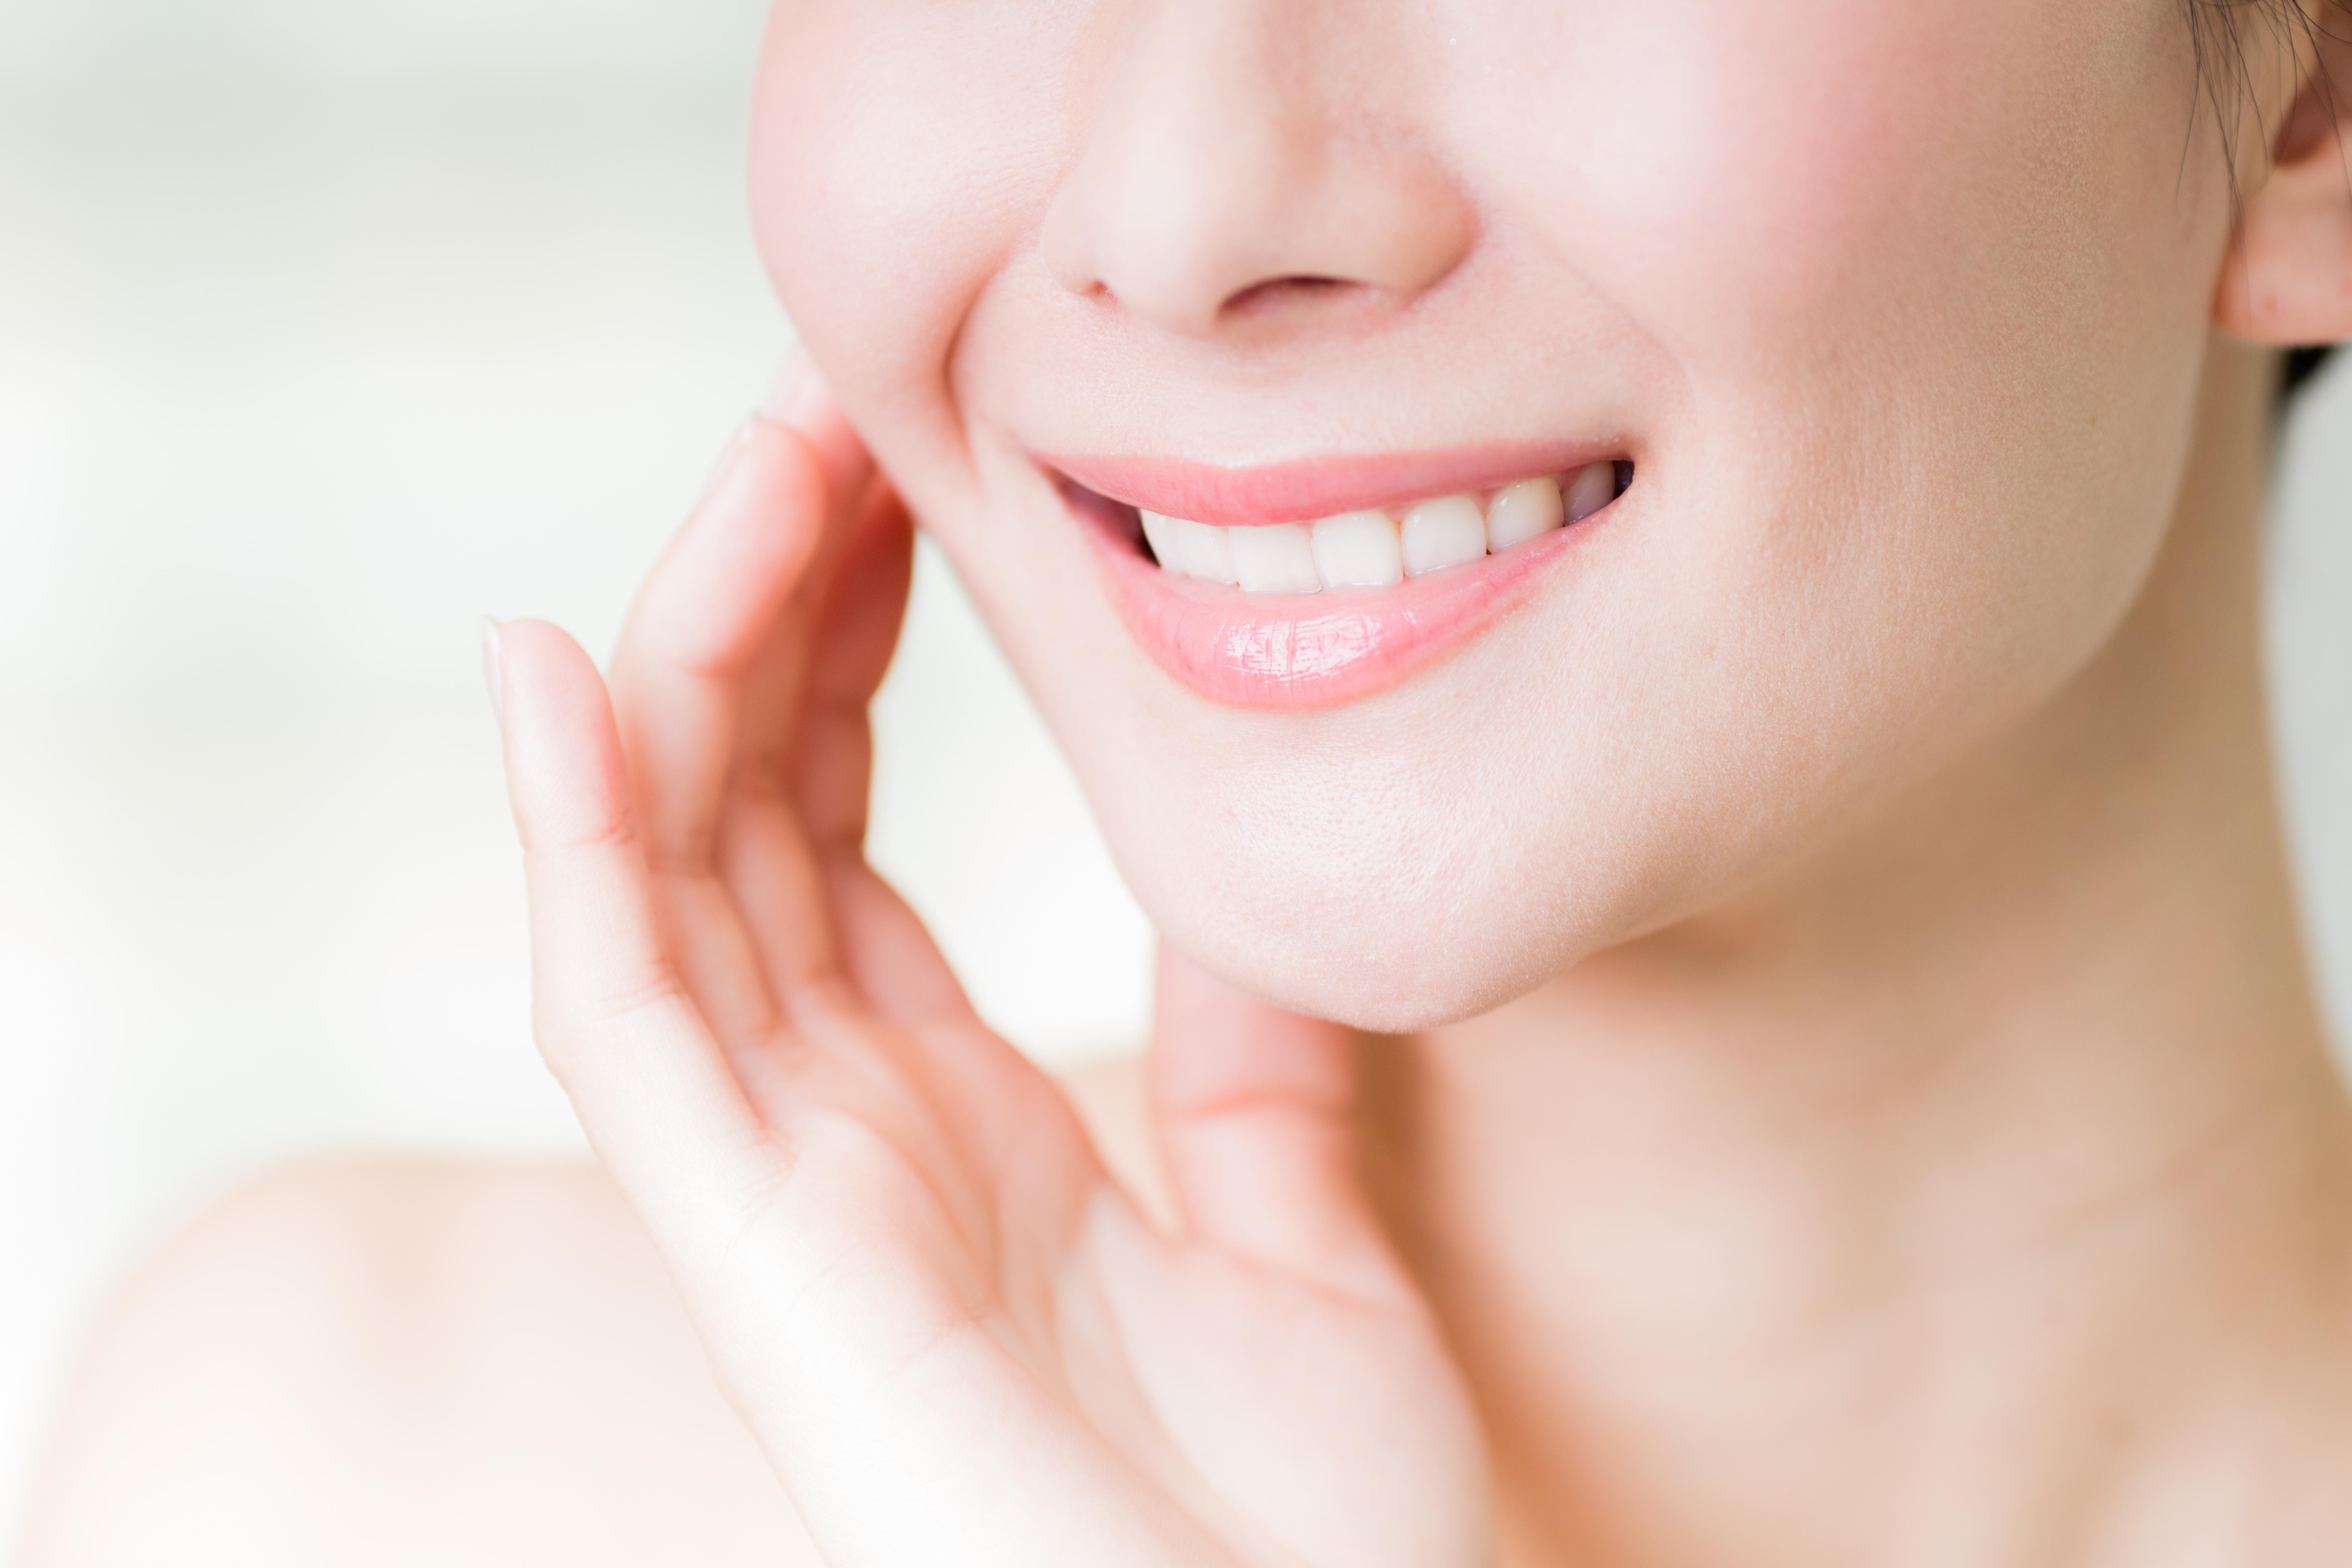 【衝撃告白】歯科衛生士がかわいい人・美人が多いってホント?私はそう思う。